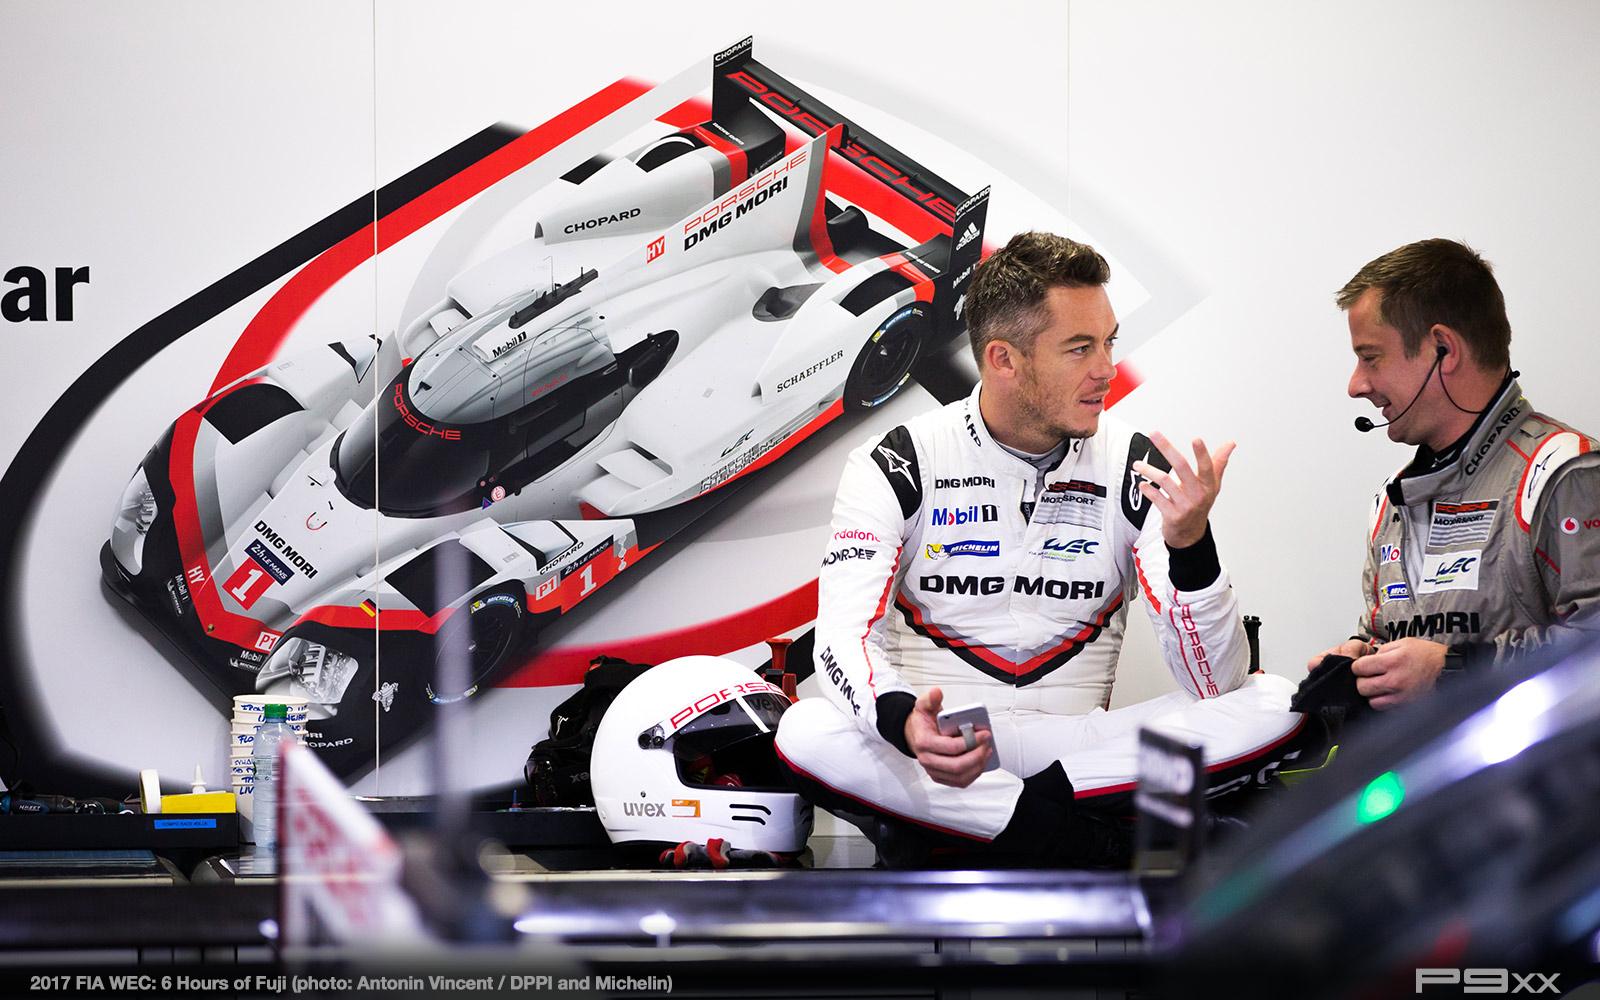 2017-FIA-WEC-6h-of-Fuji-Porsche-Fuji_02117011_0066295